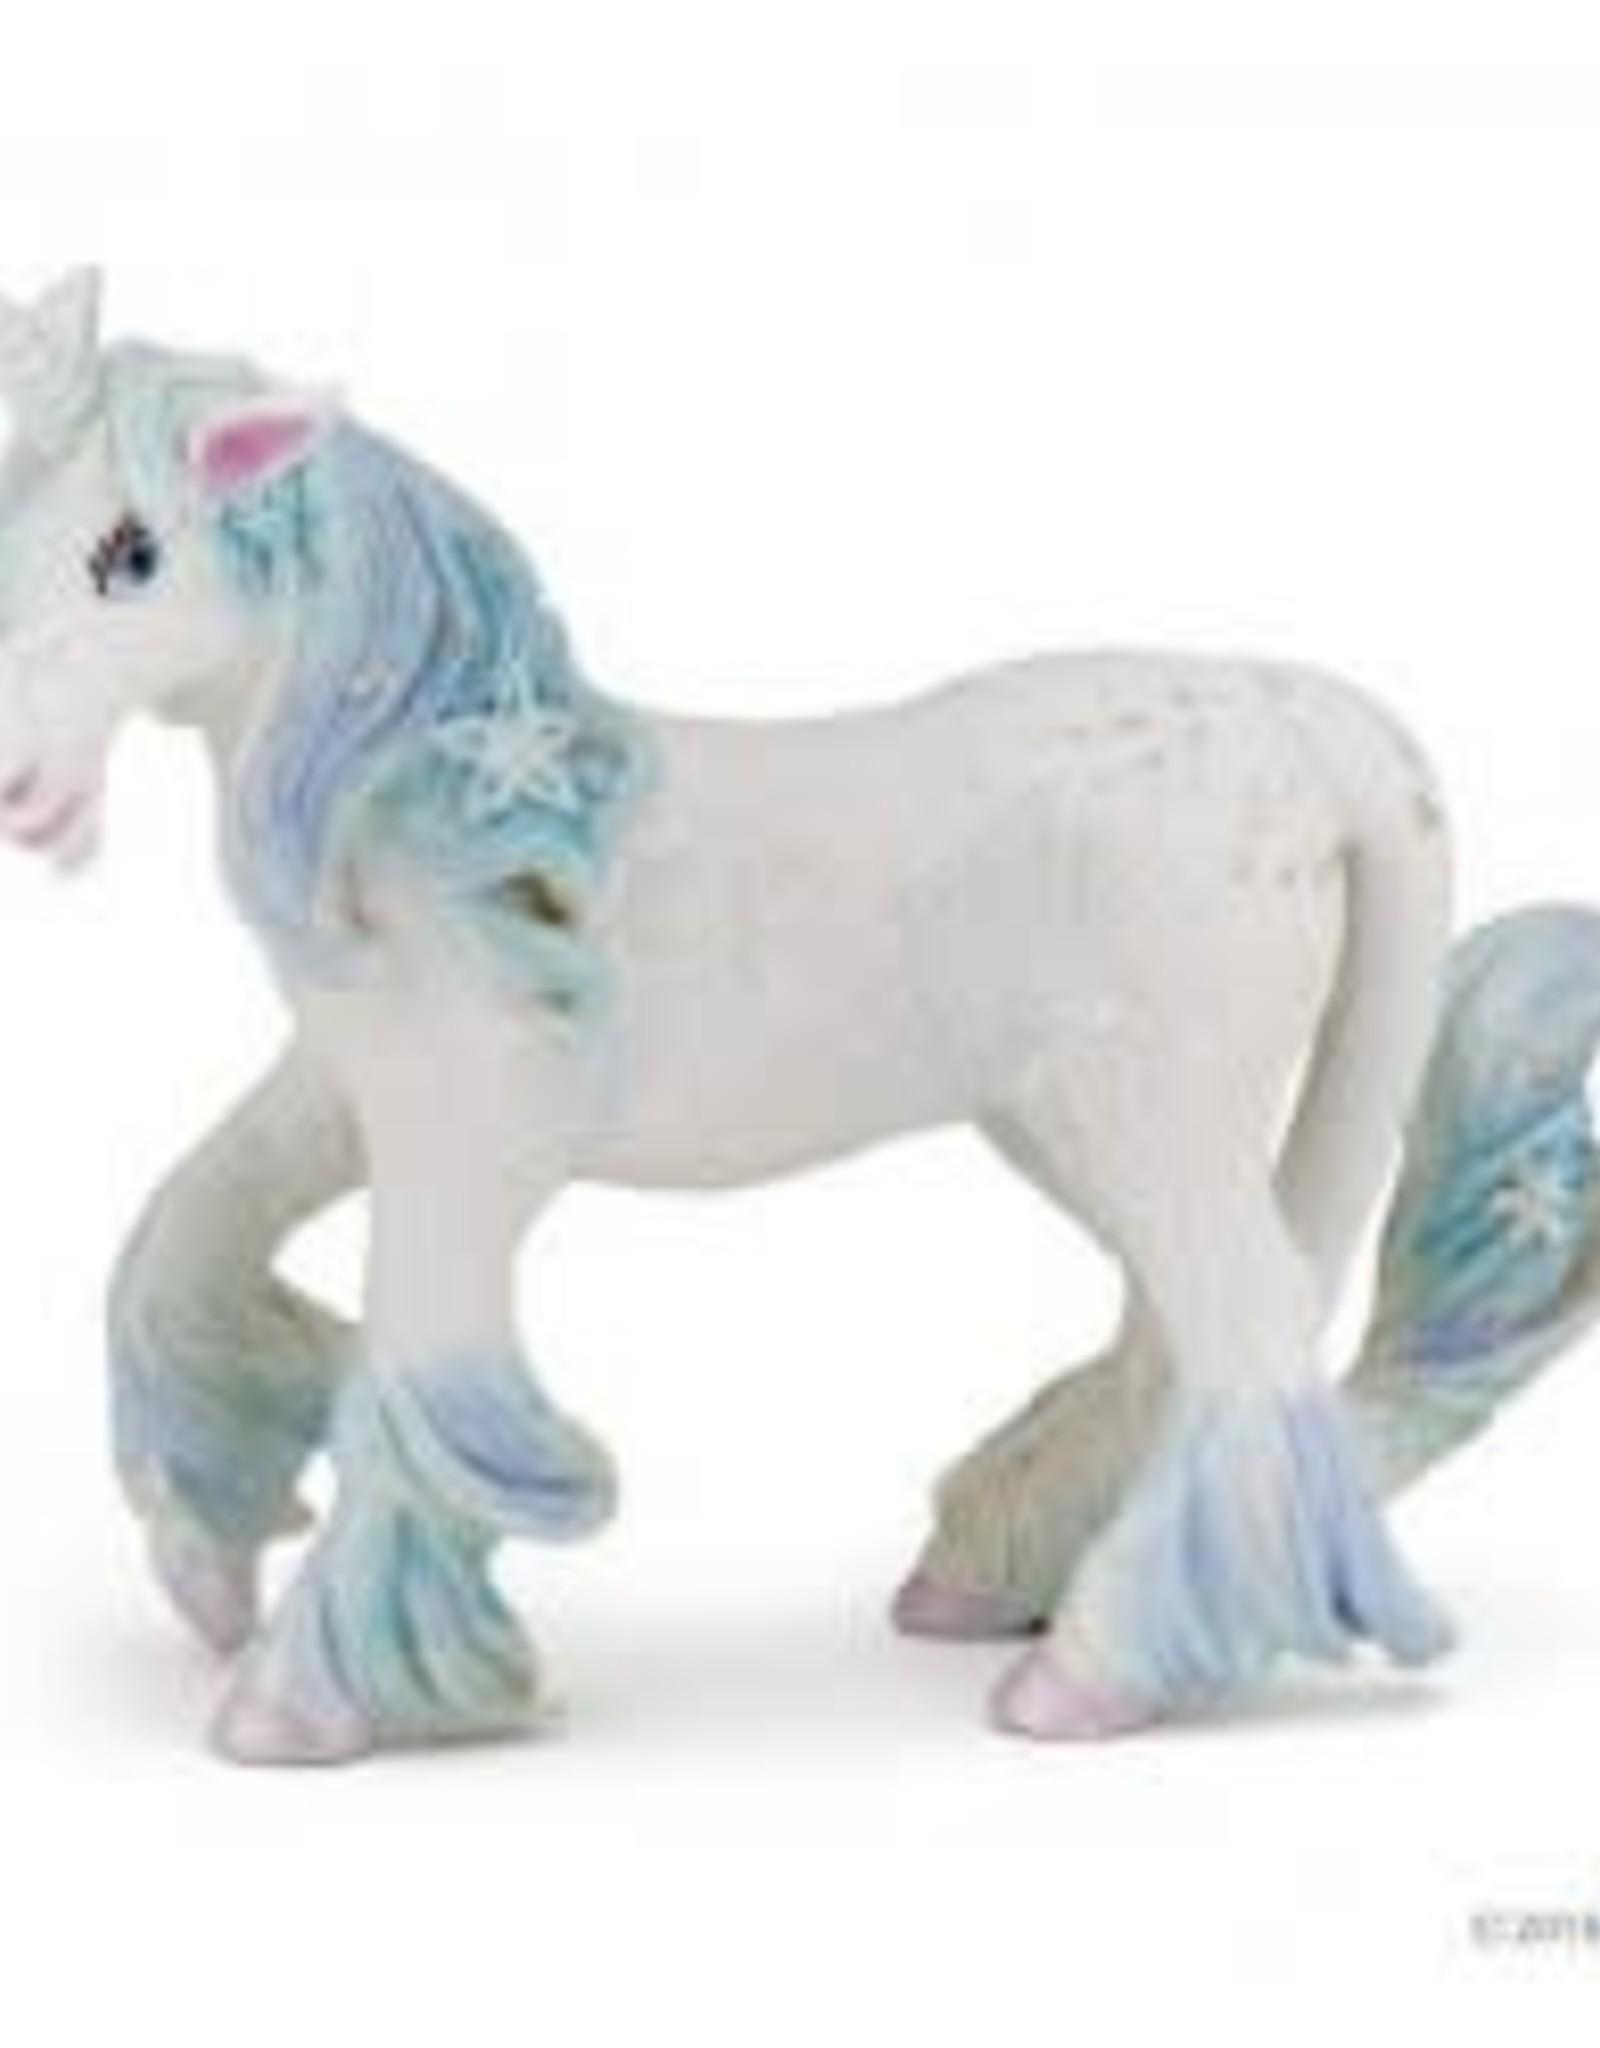 Papo Papo Ice Unicorn